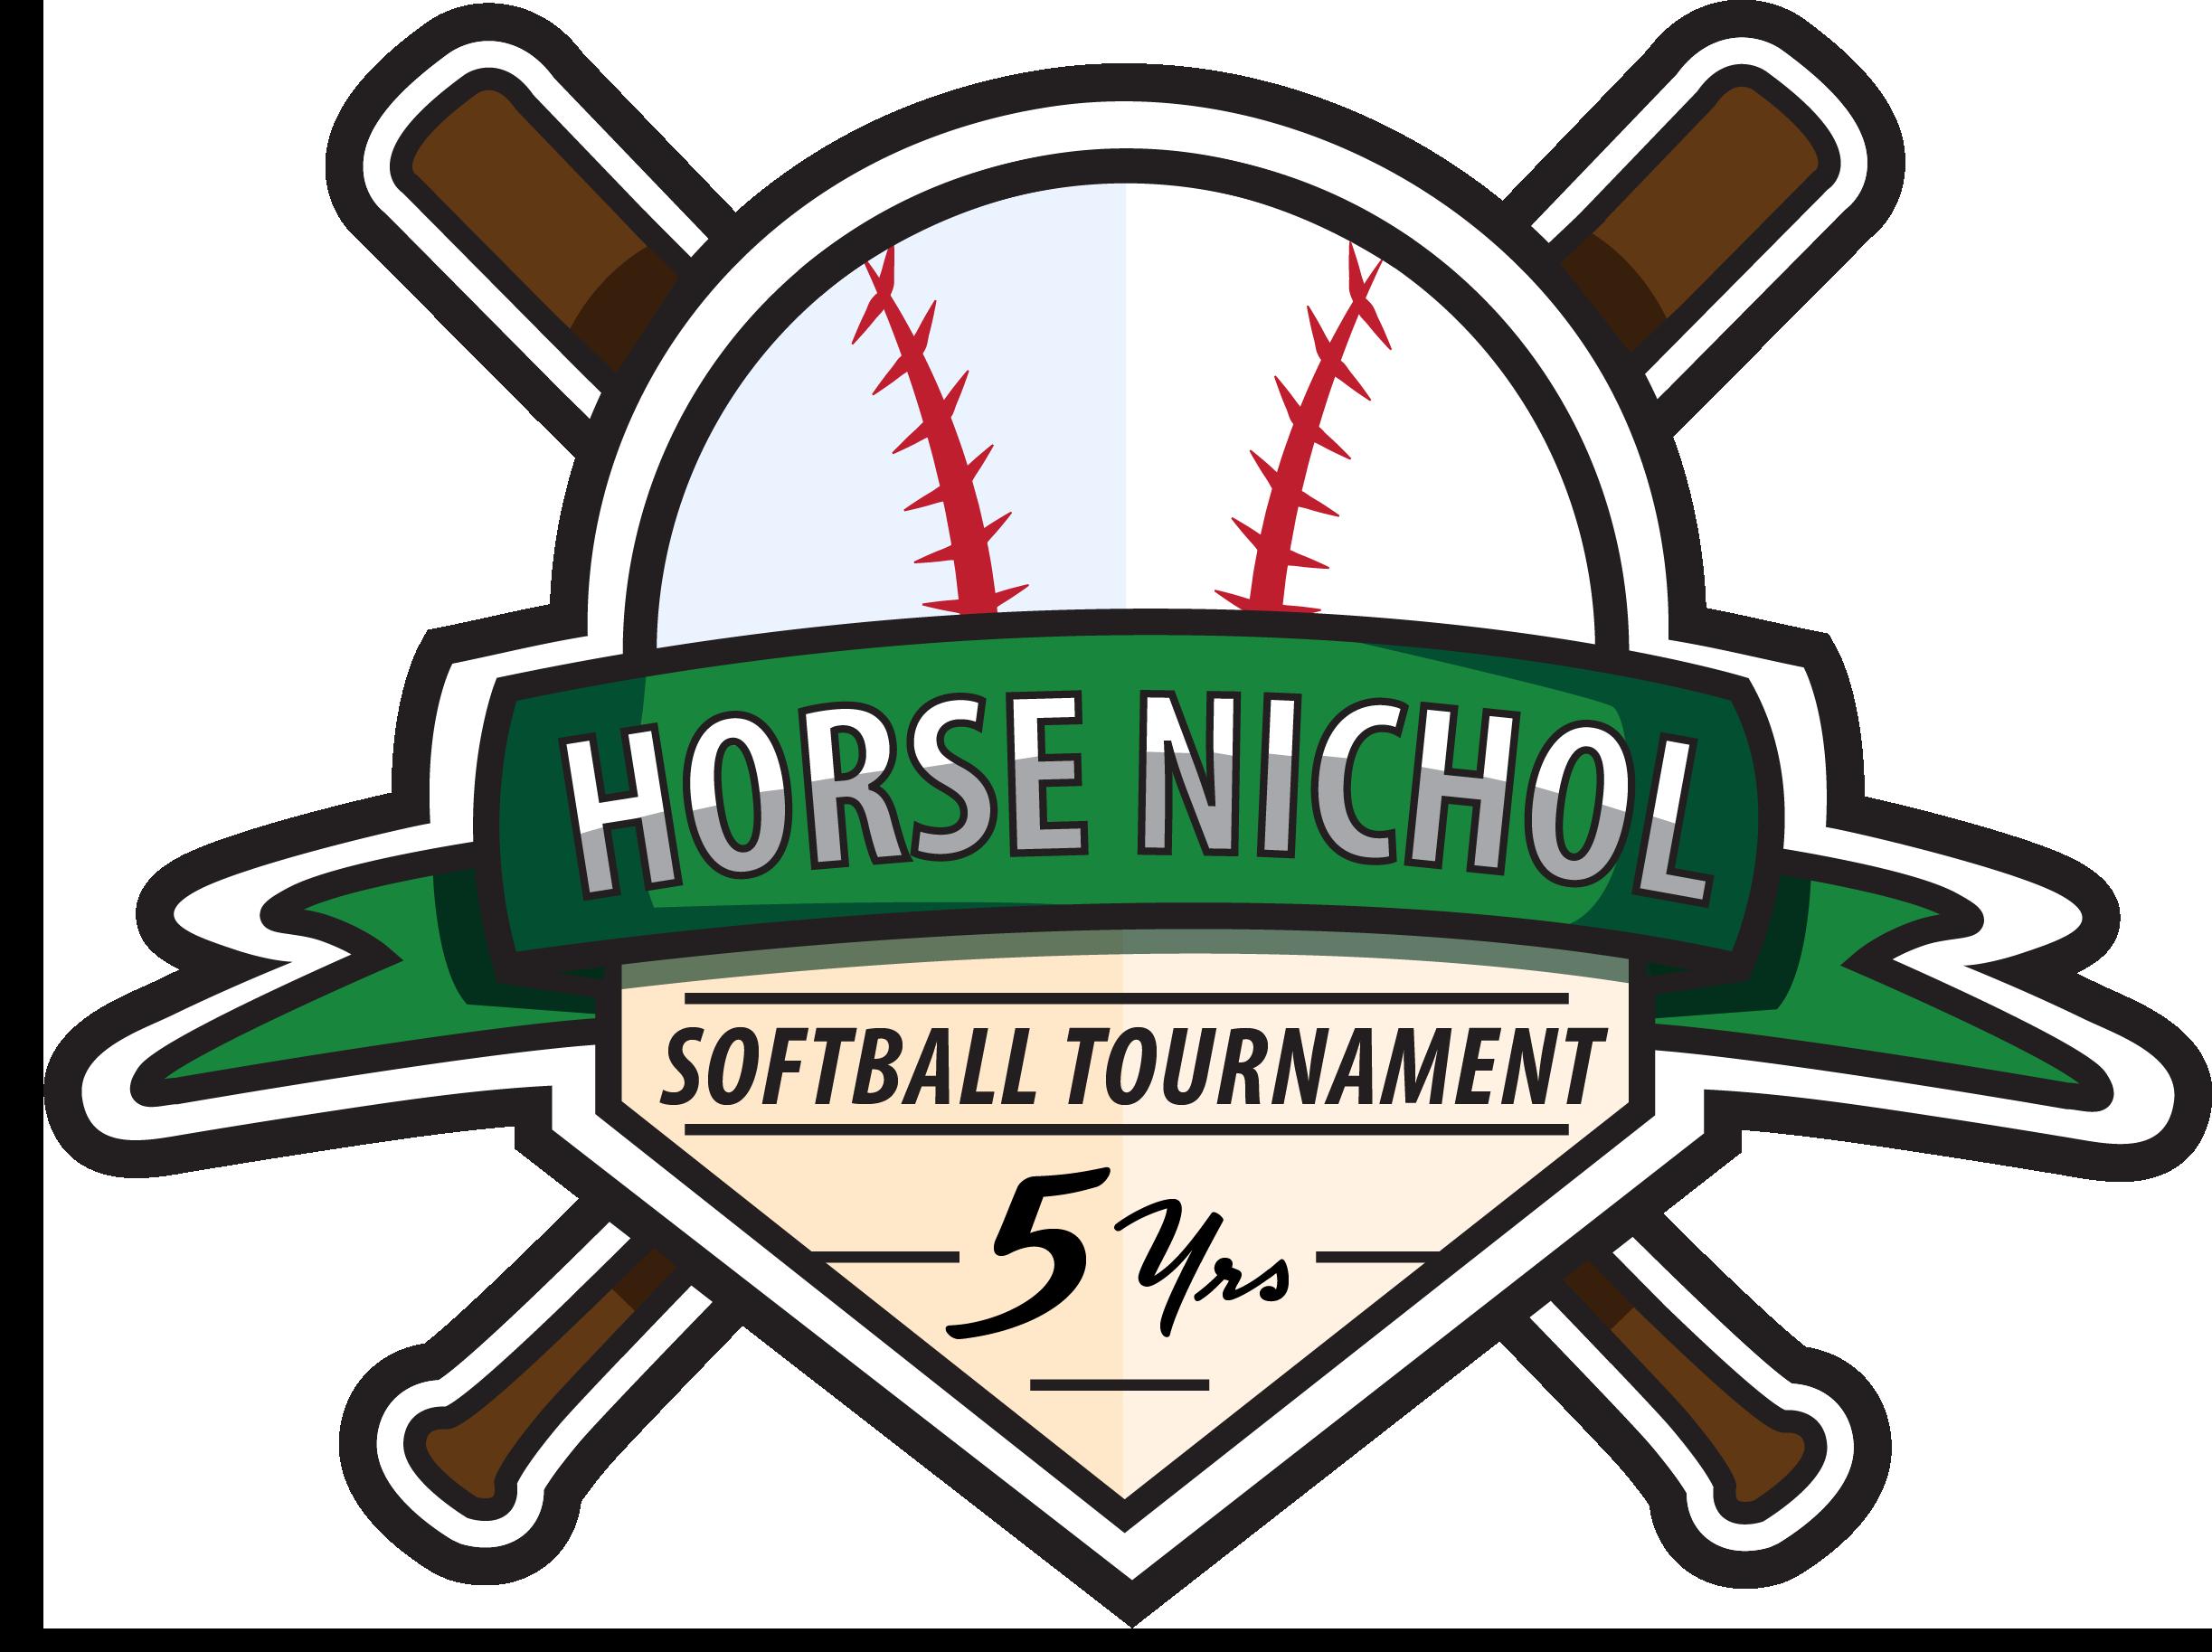 """""""HORSE NICHOL SOFTBALL TOURNAMENT 5 YEARS"""""""